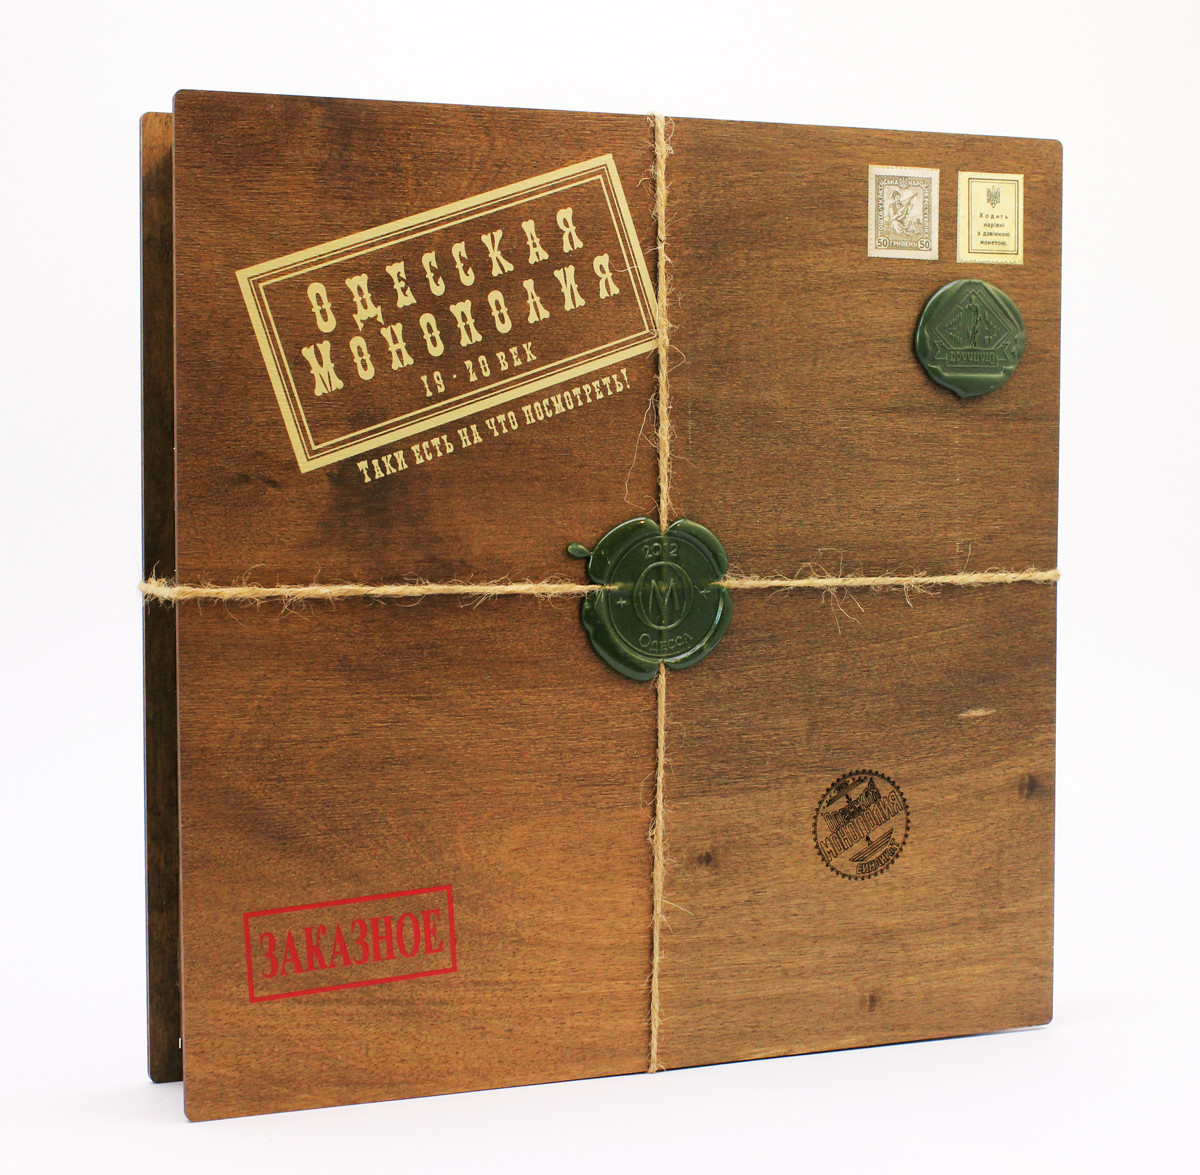 Настольная игра Одесская Монополия Делюкс с блокнотом (VII+ издание Онищенко)